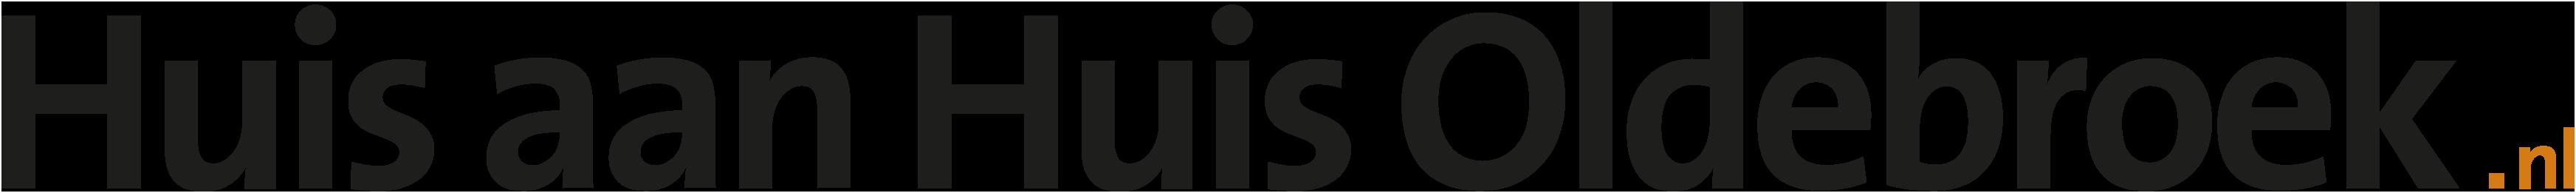 Logo huisaanhuisoldebroek.nl